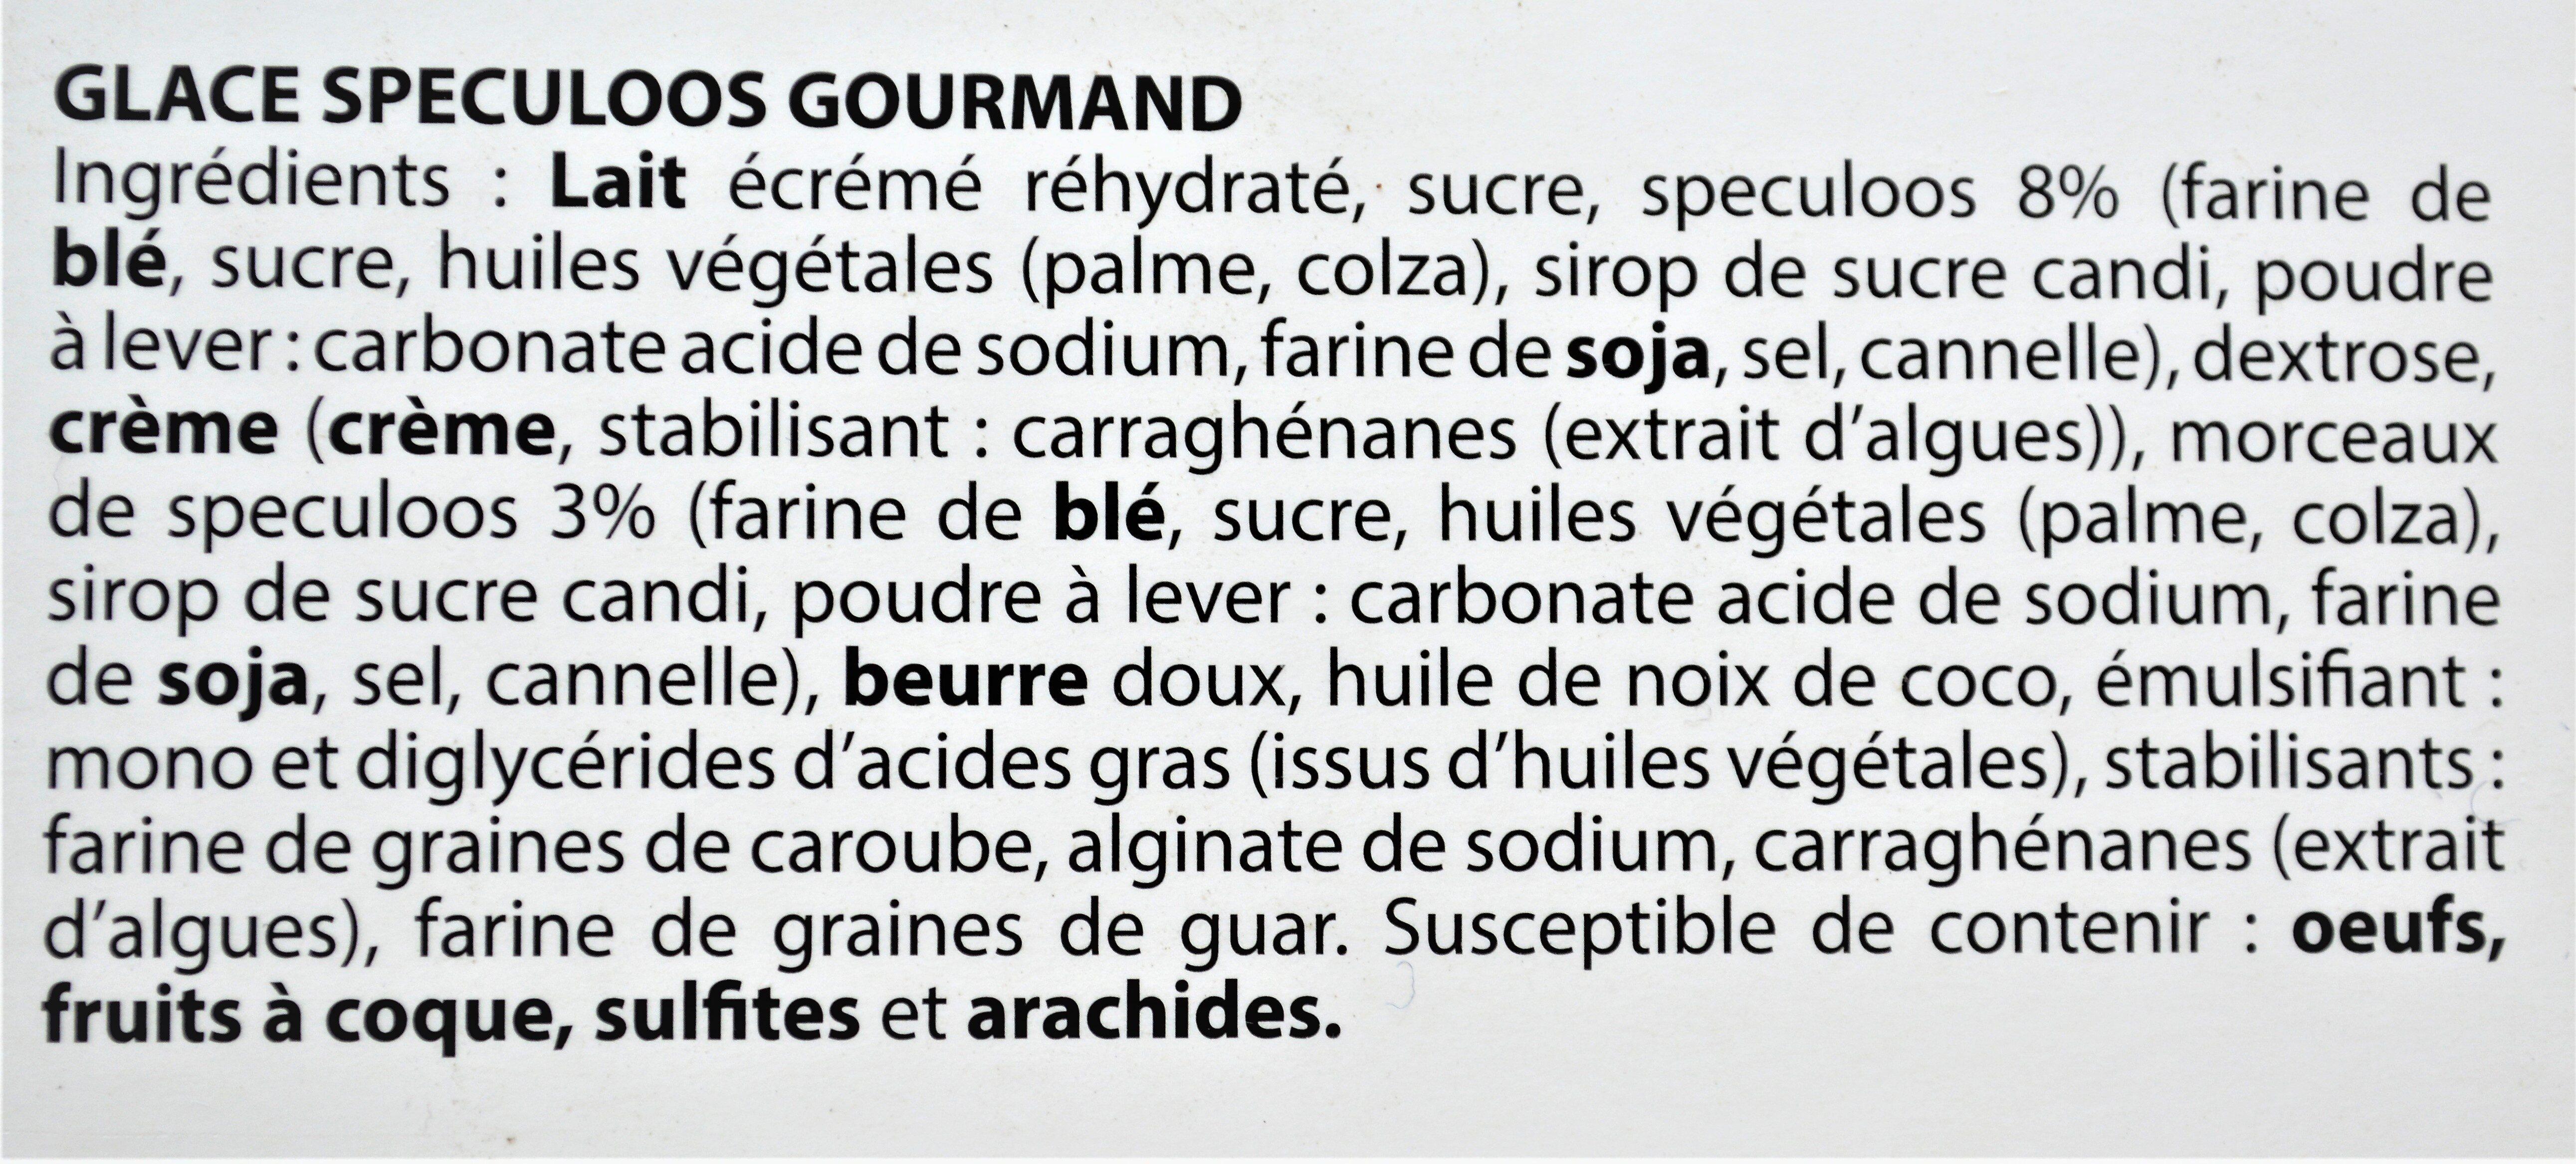 Glace SPECULOOS GOURMAND - Ingrediënten - fr